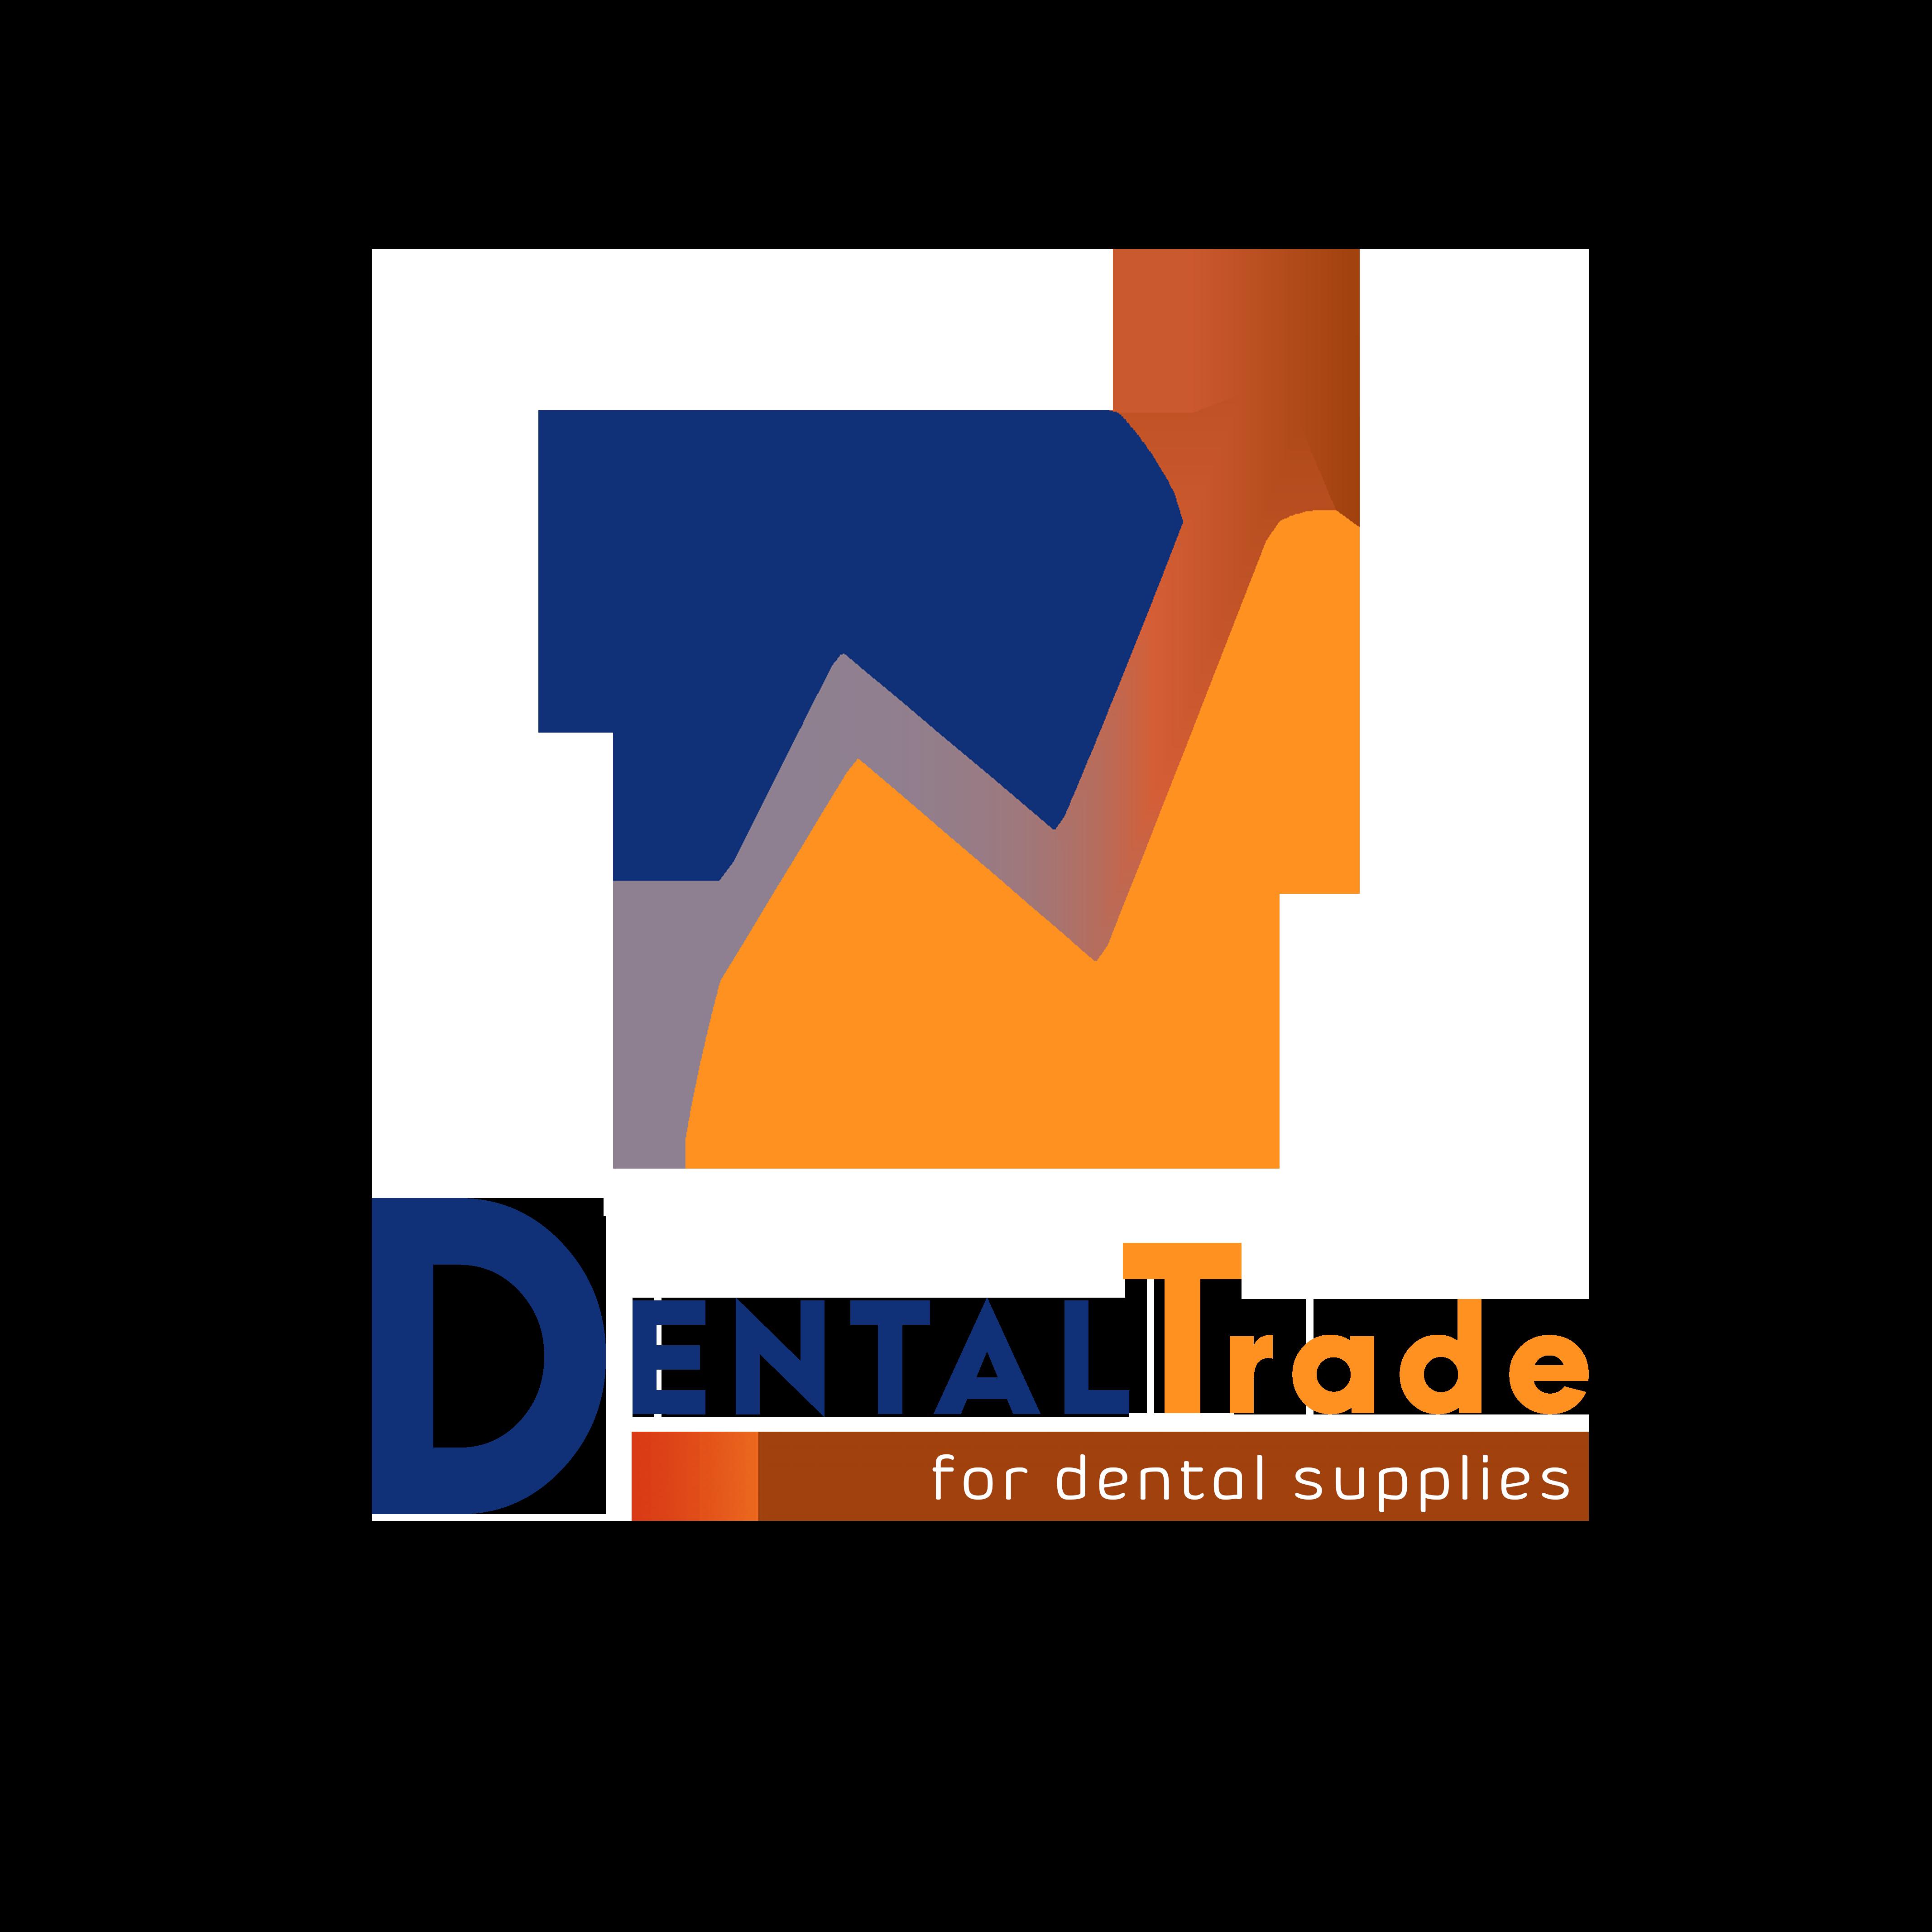 Dentaltrade